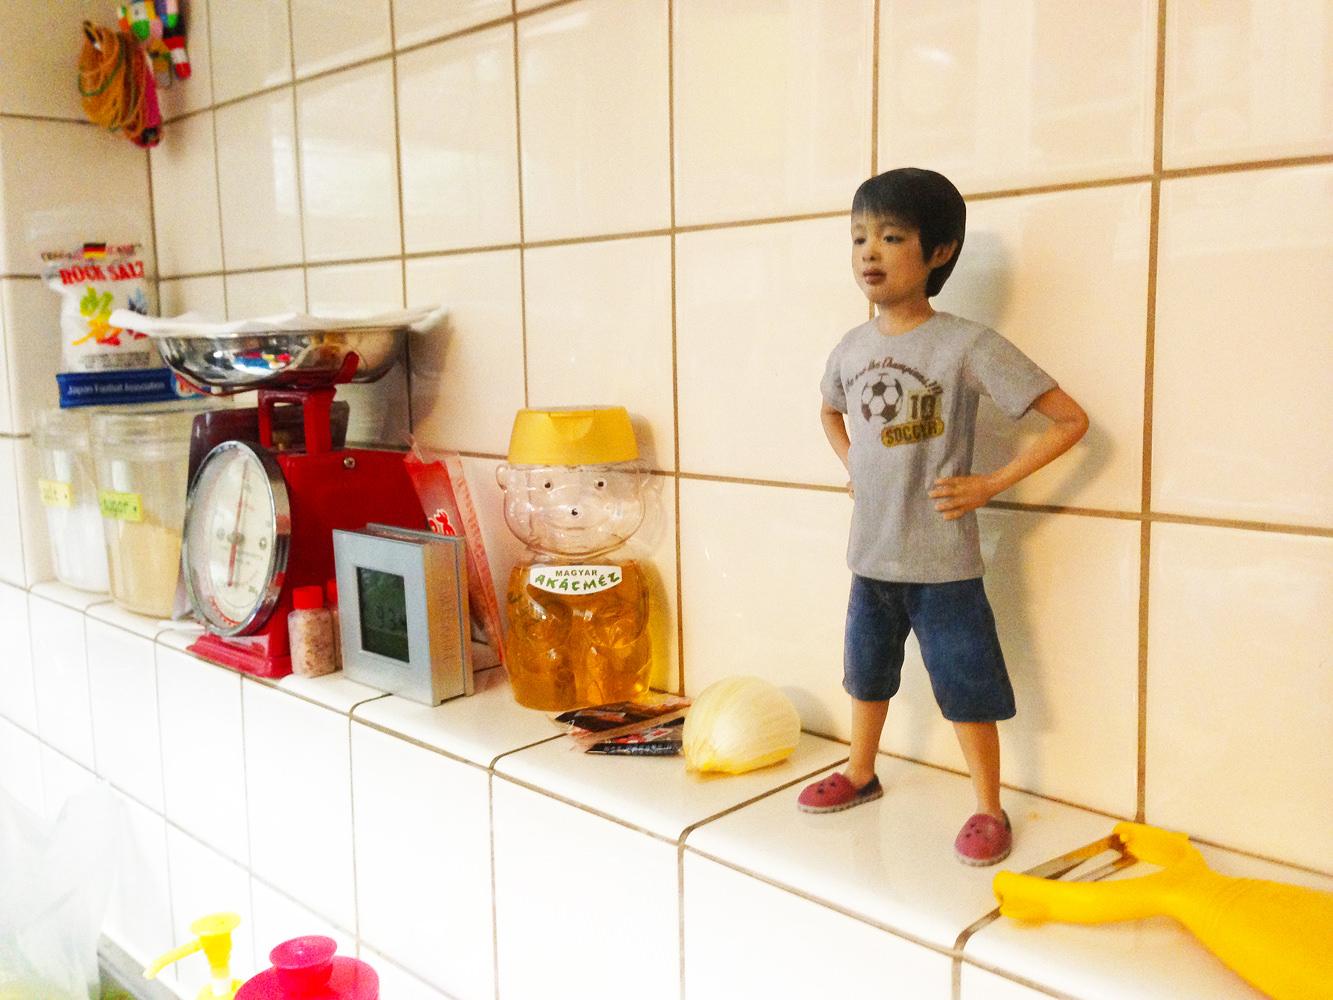 子供のミニチュアフィギュアをキッチンに飾っても素敵ですね!